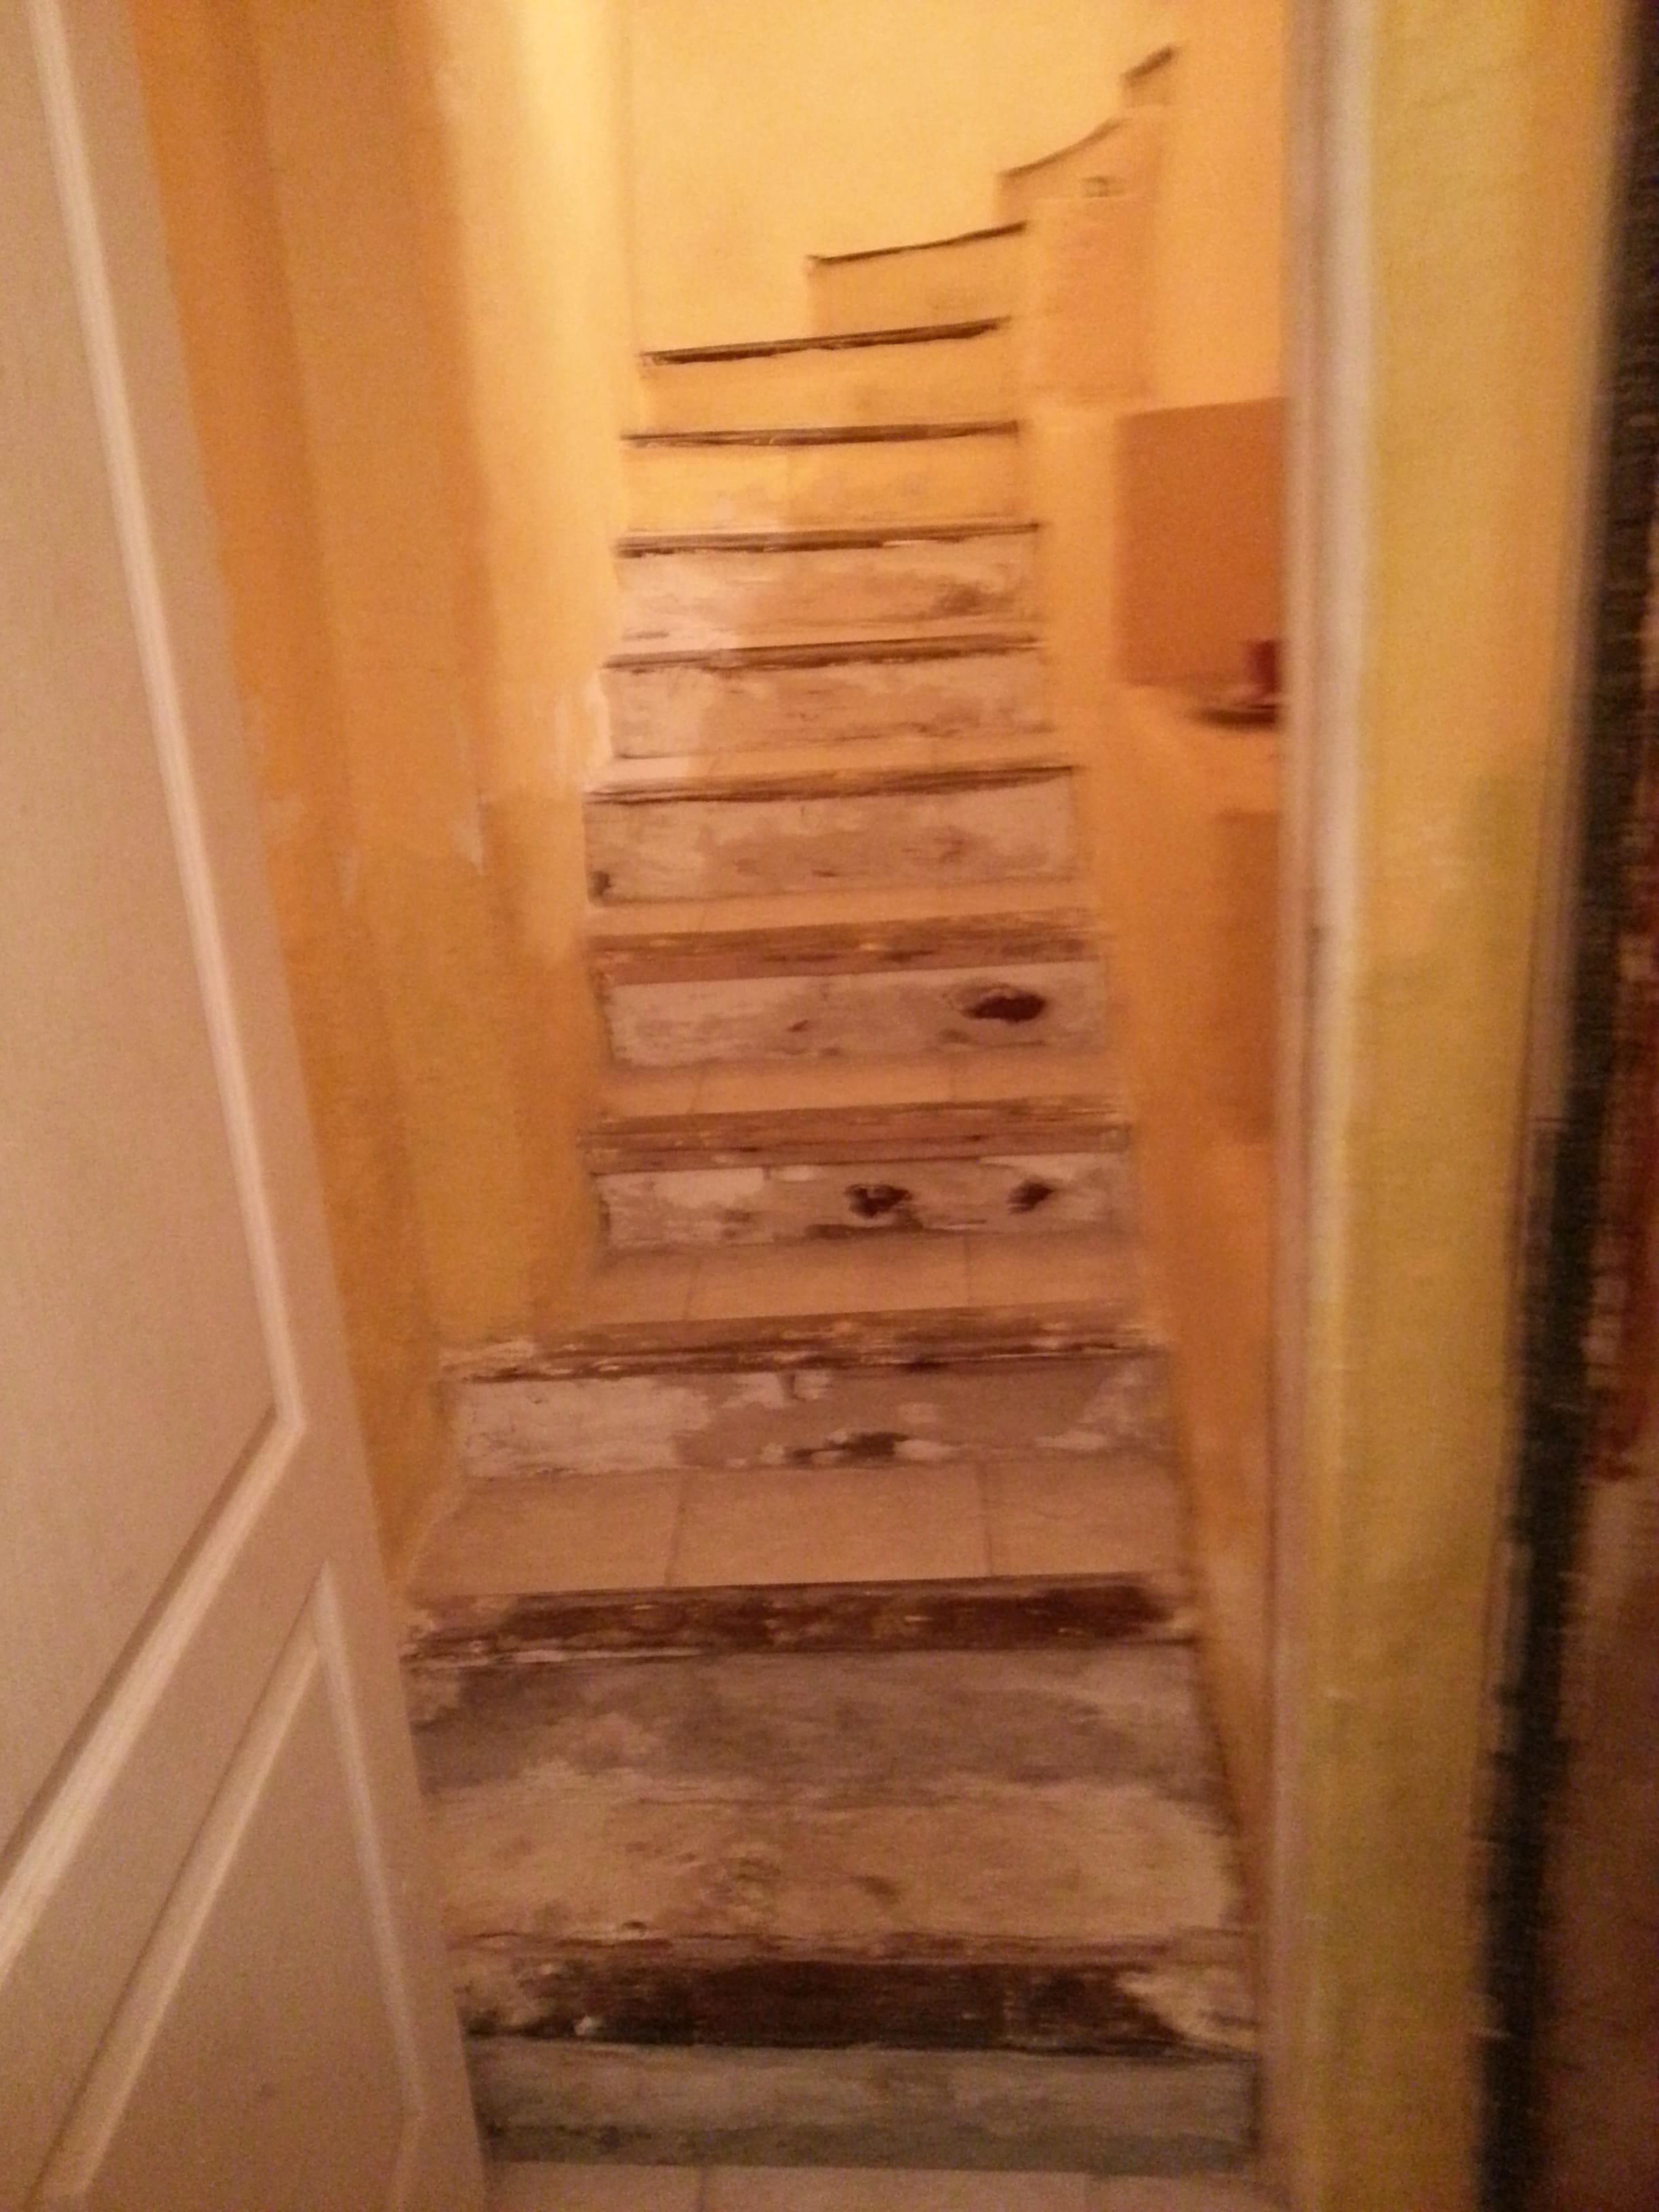 Comment Rénover Un Vieux Carrelage Au Sol renovation escaliers très abîmés [résolu] - linternaute